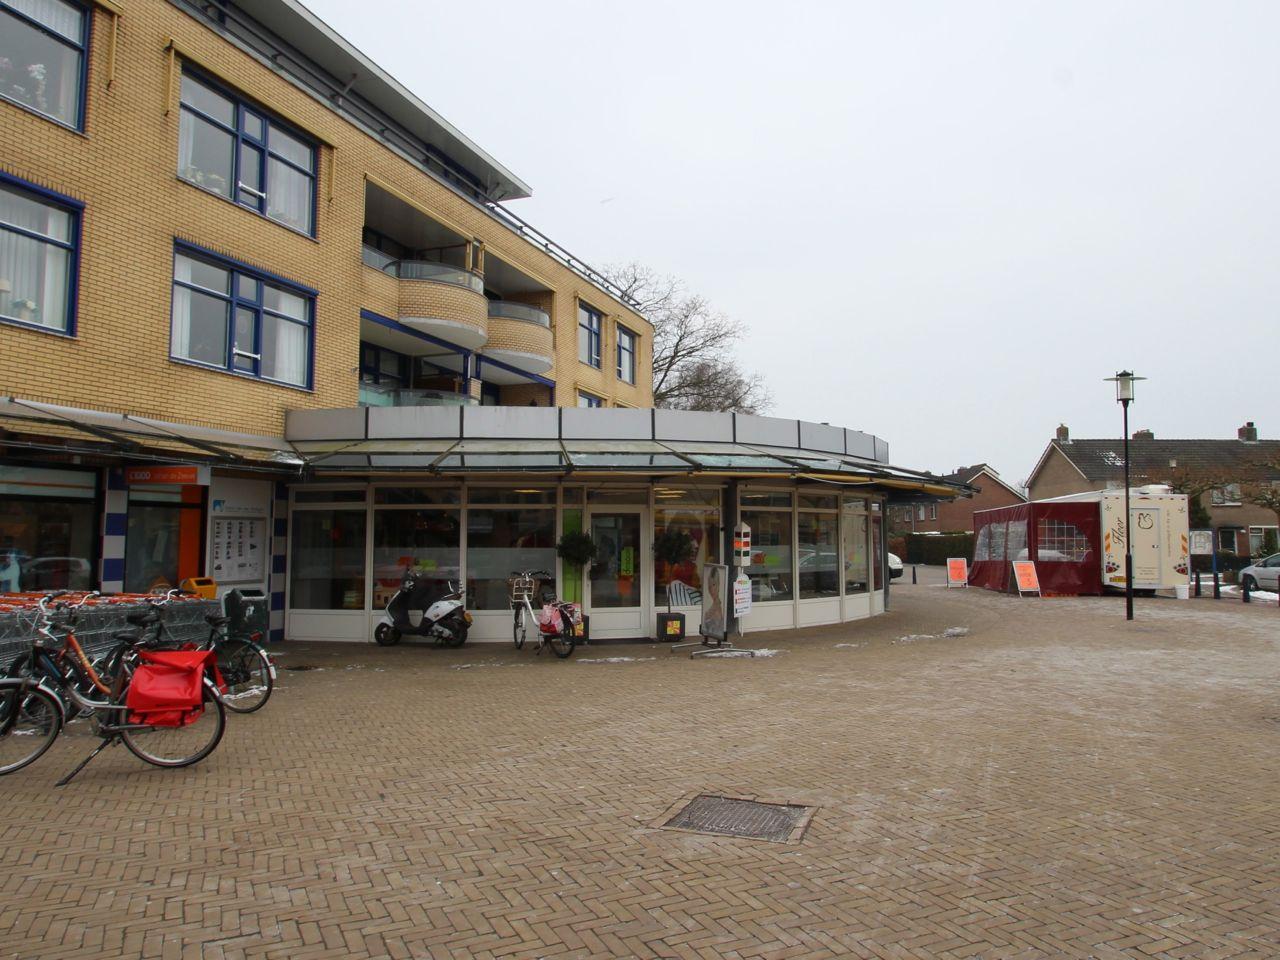 Maertensplein, Maartensdijk